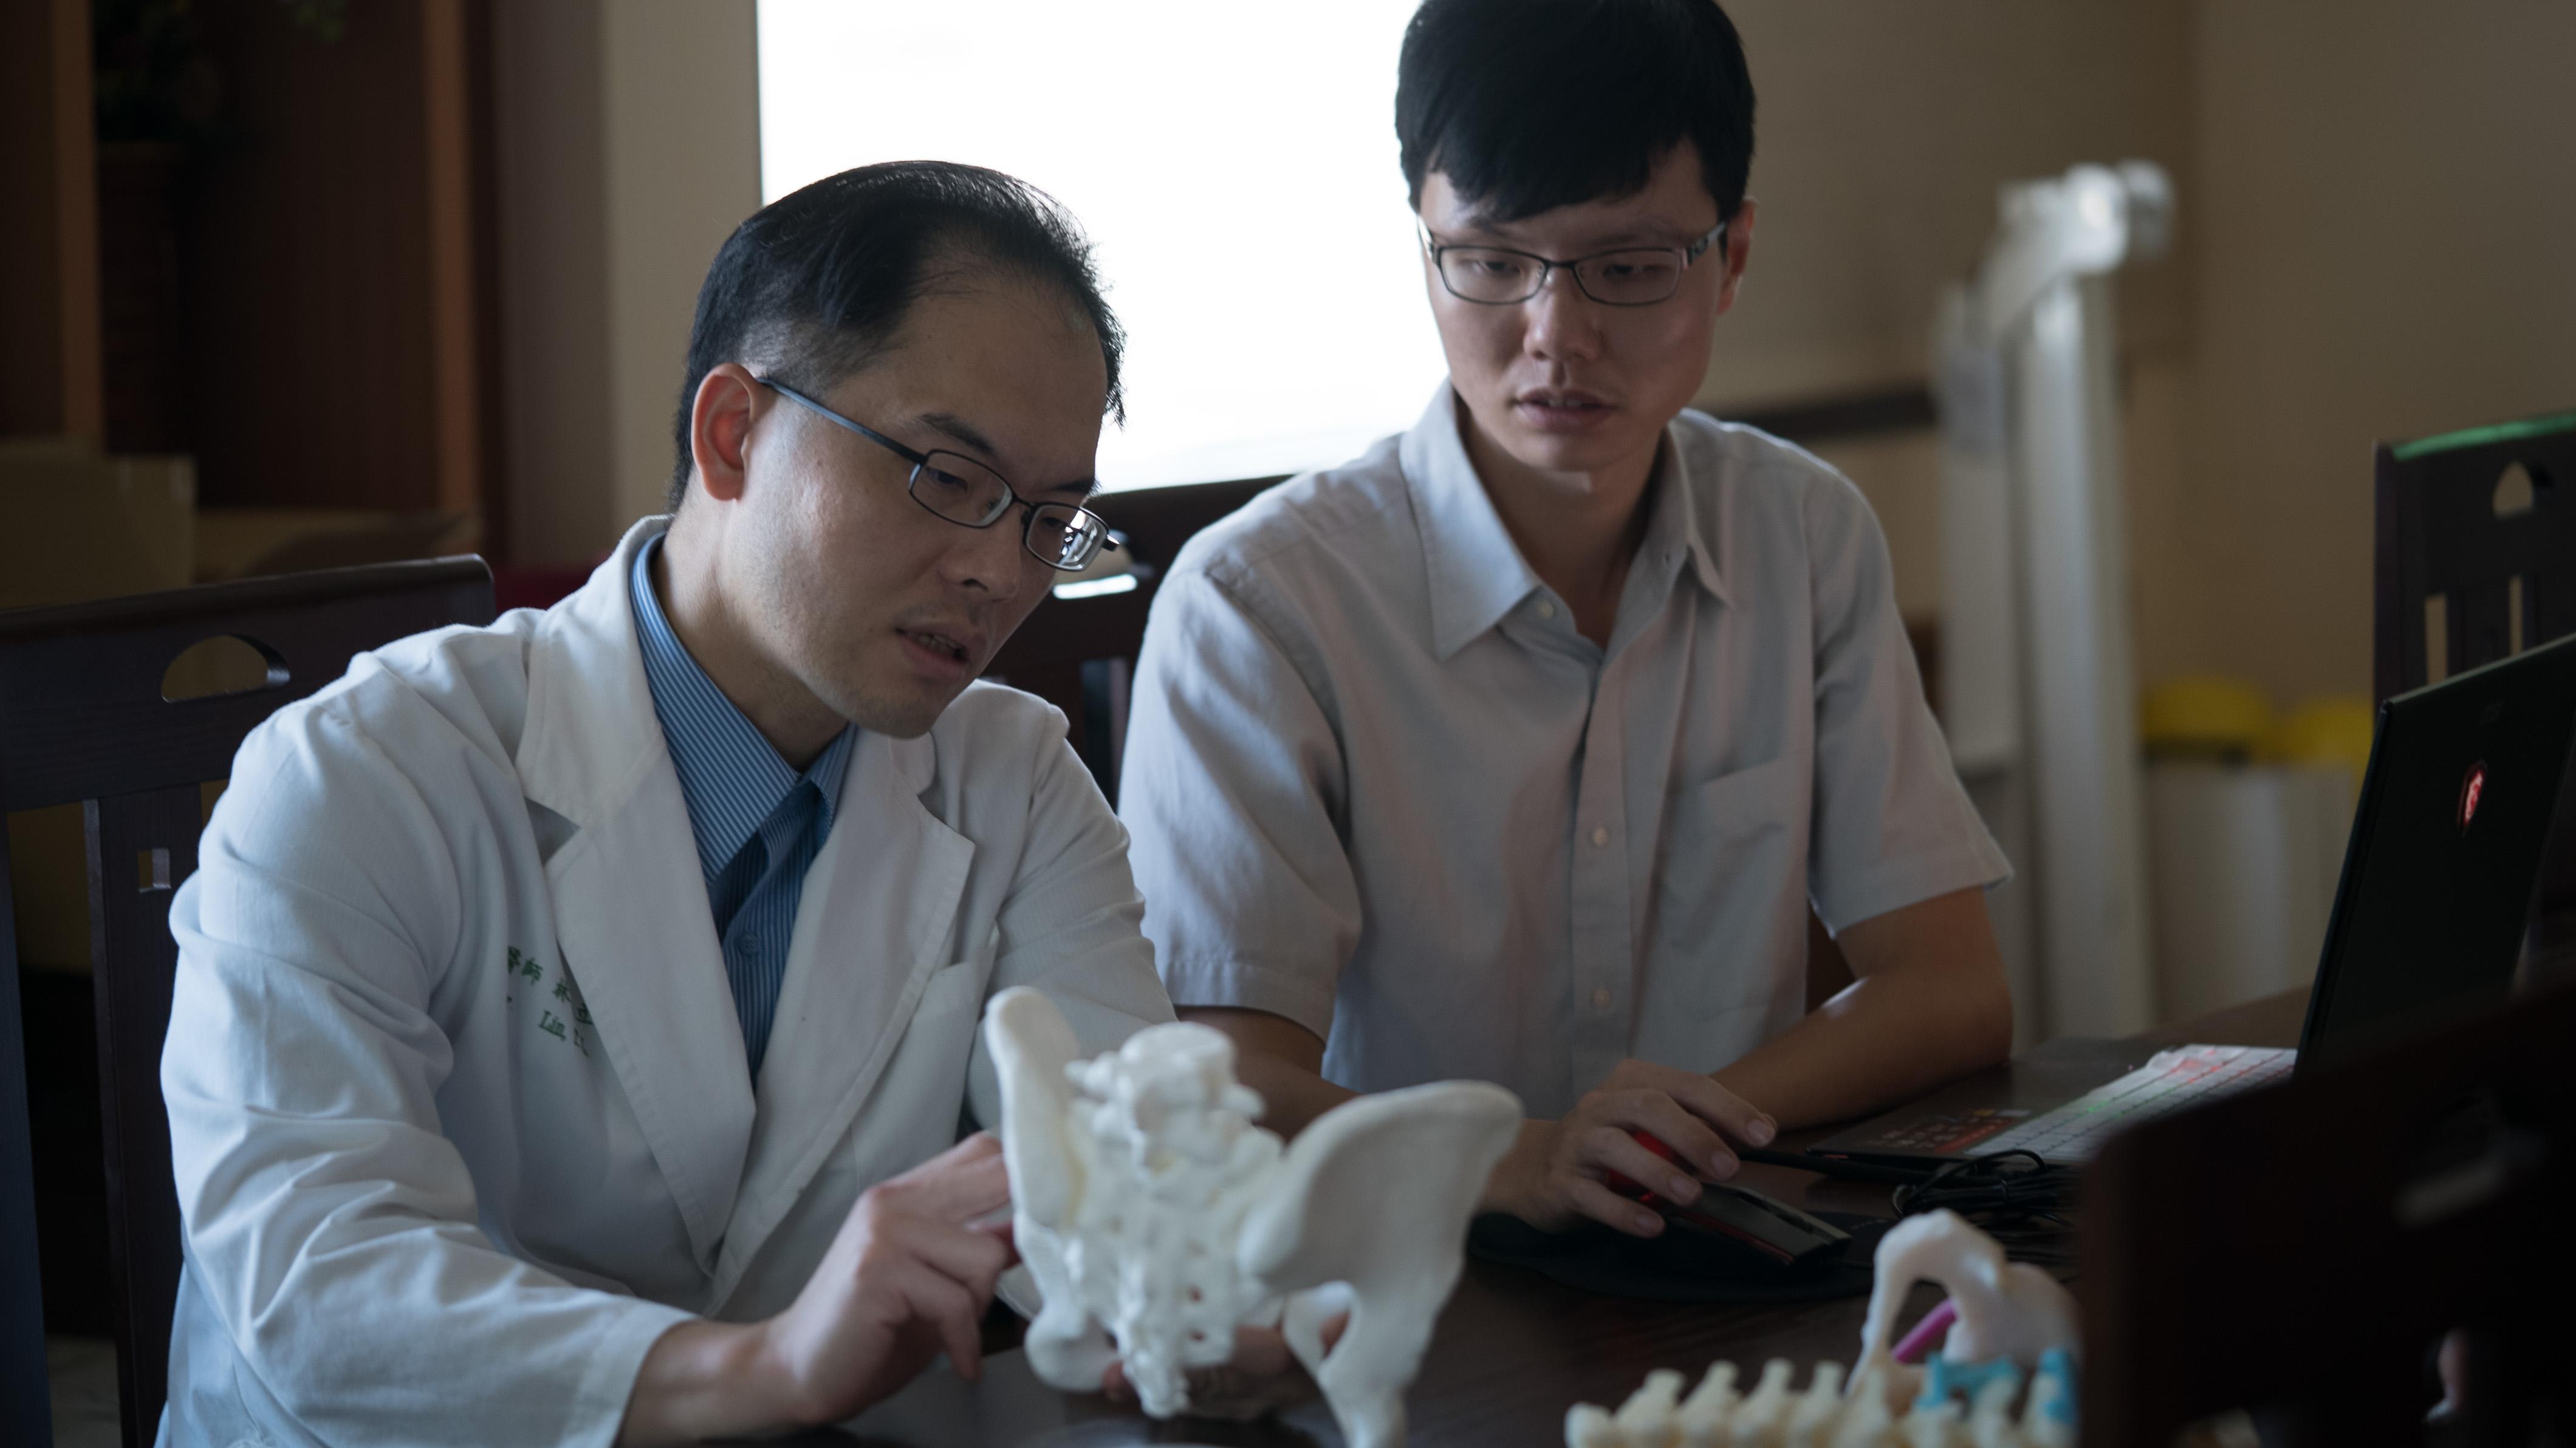 醫師與工程師討論手術規劃